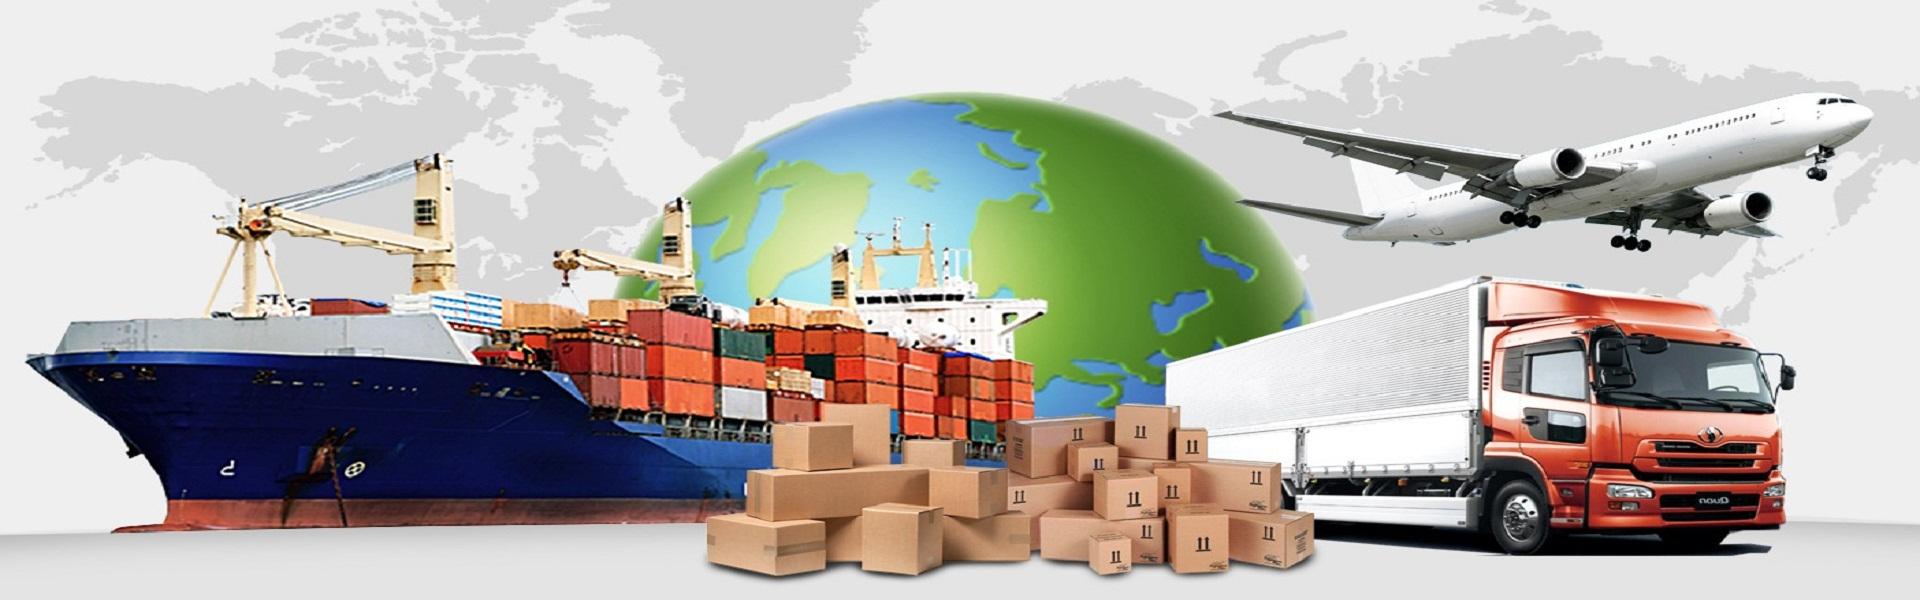 Lựa chọn gói cước vận chuyển hàng hợp lý, phù hợp với nhu cầu